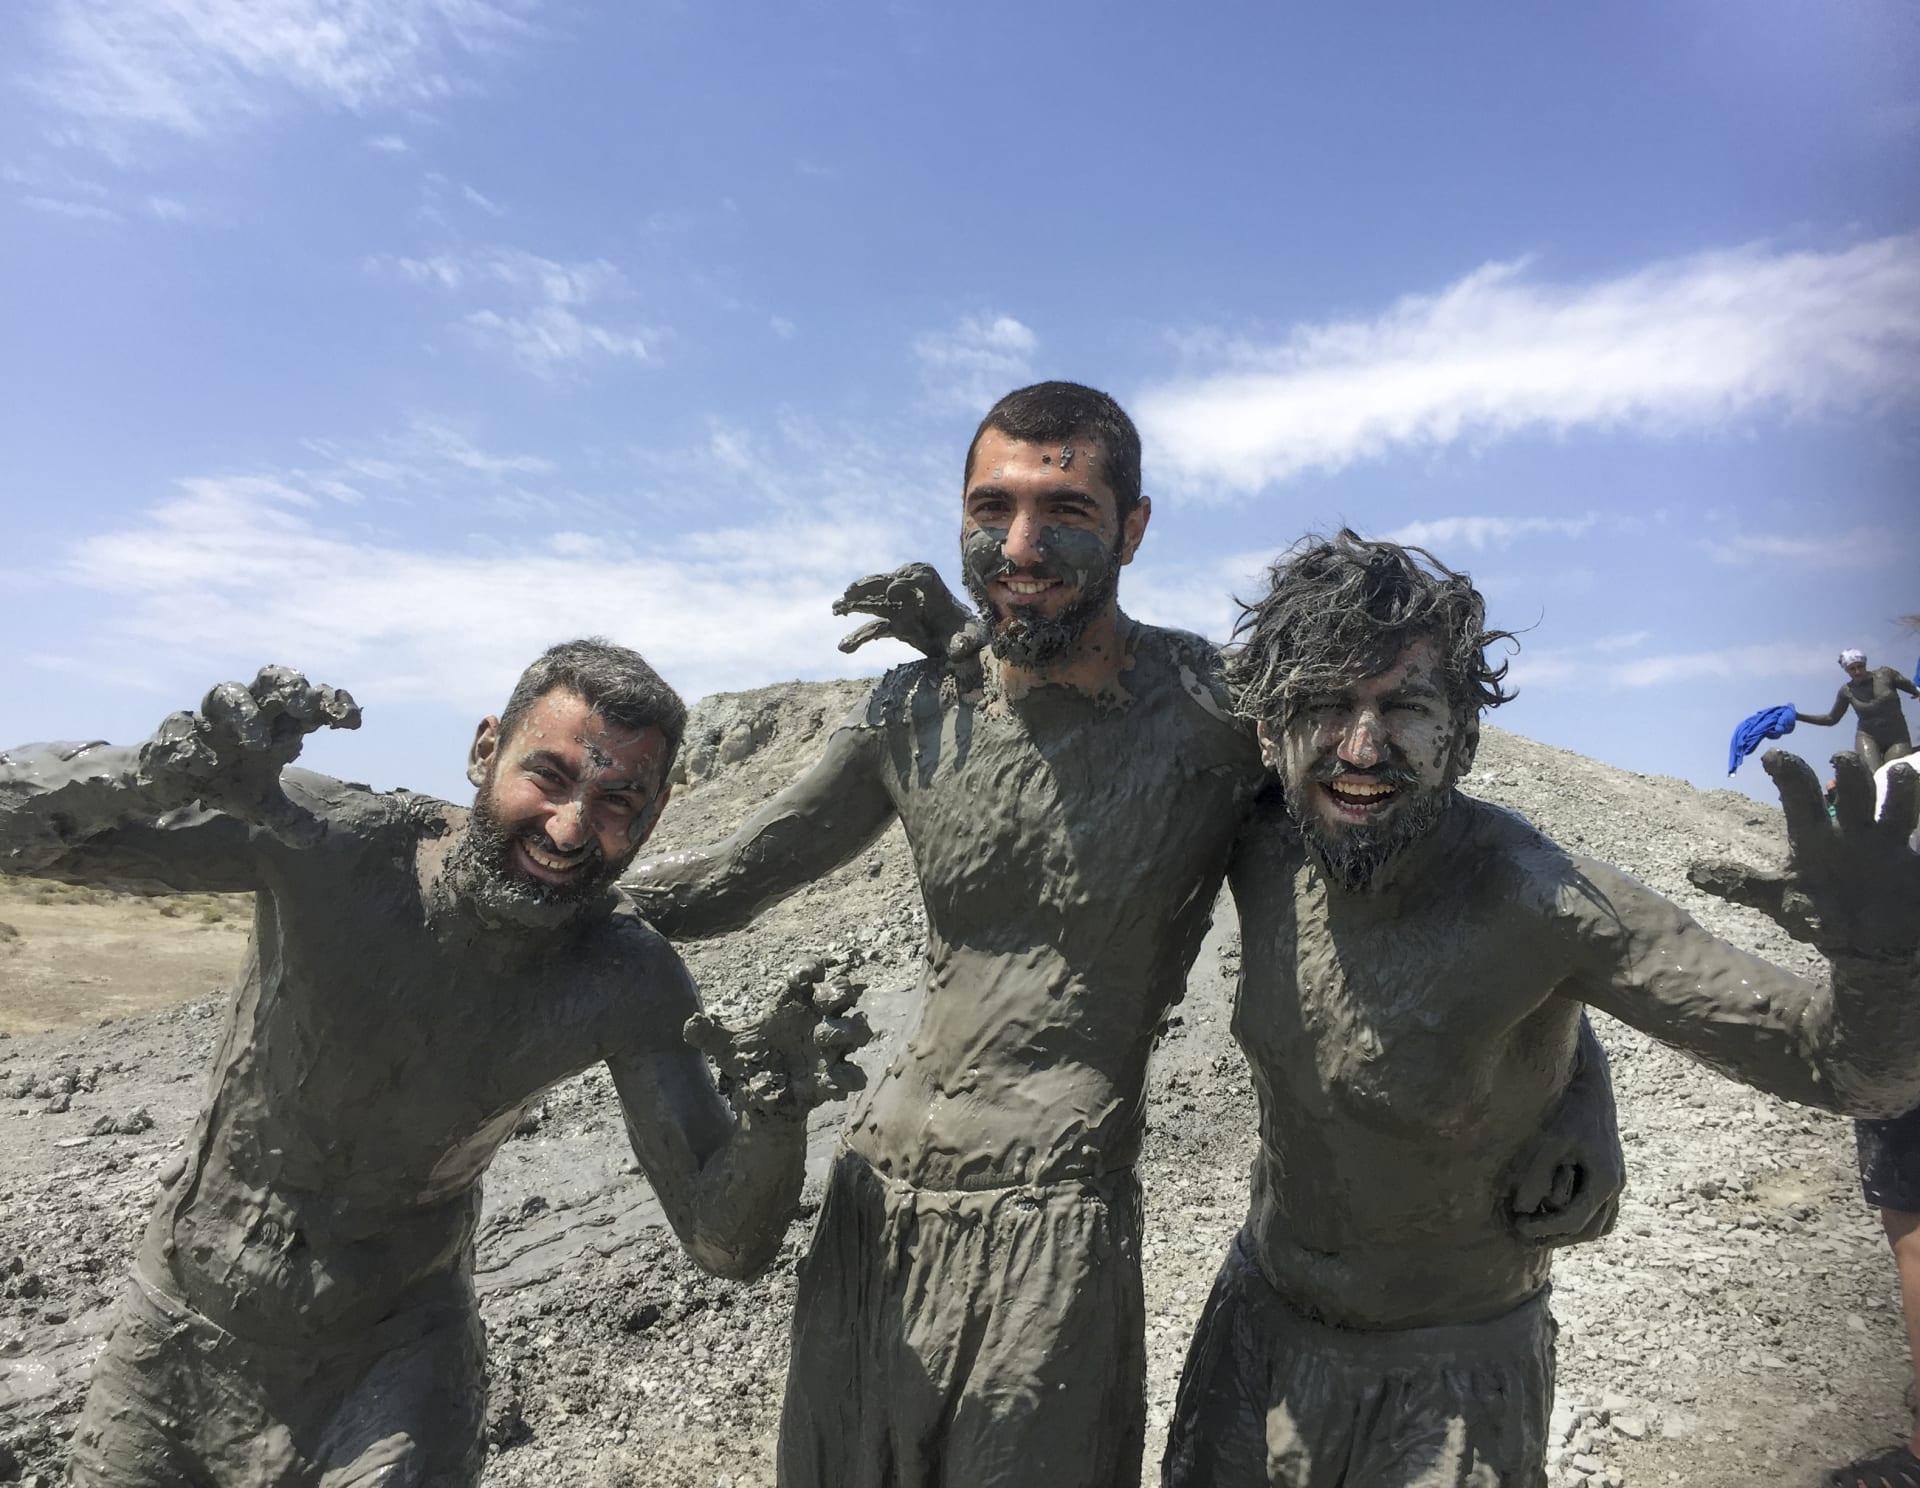 اجمع بين المتعة والخصائص العلاجية عبر الغطس في البراكين الطينية بأذربيجان